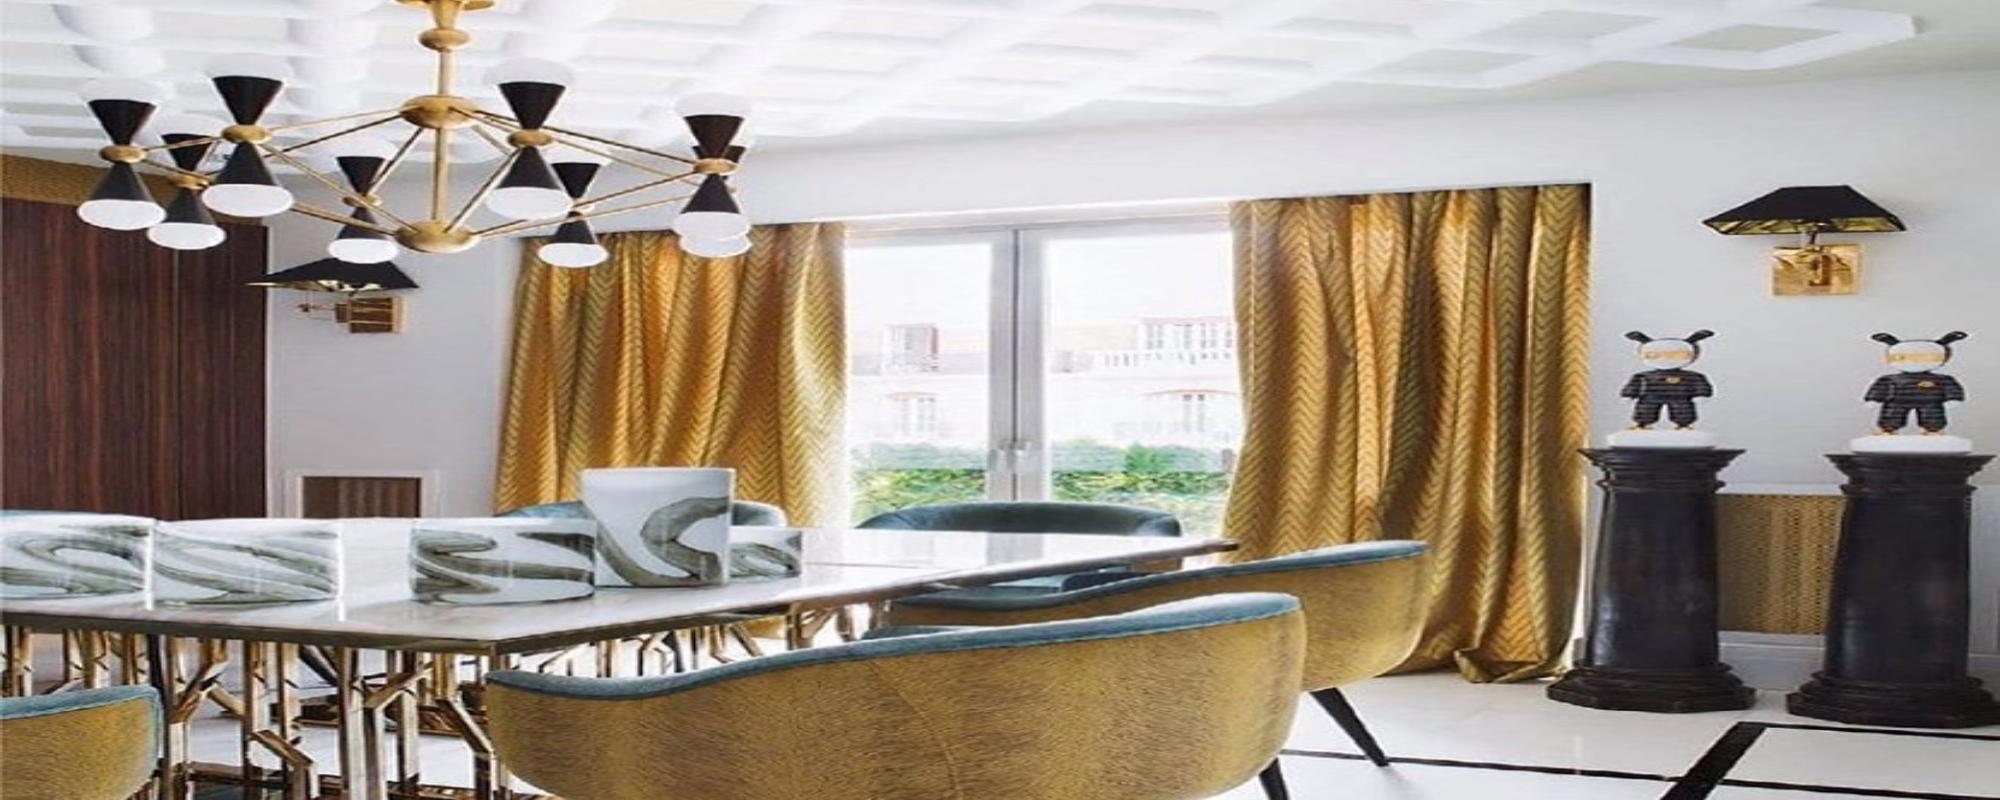 Top Interiorista: Jean Porsche un diseñador poderoso en Madrid top interiorista Top Interiorista: Jean Porsche un diseñador poderoso en Madrid Featured 4